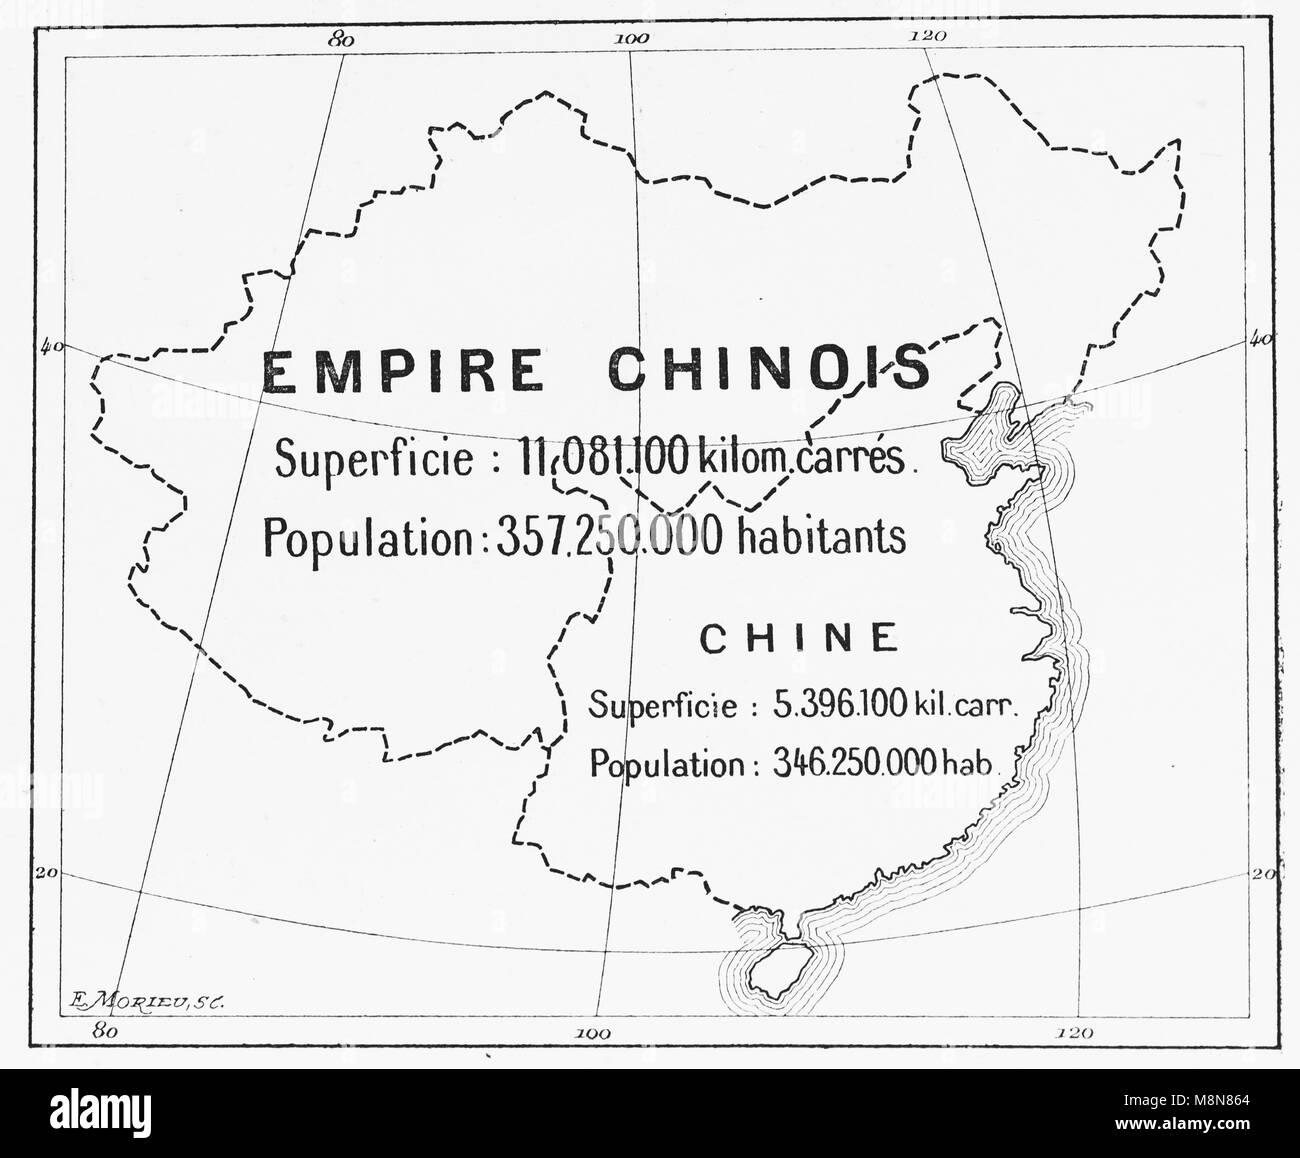 Mapa del Imperio Chino en 1900, Imagen del semanario francés l'Illustration, 27 de octubre de 1900 Imagen De Stock